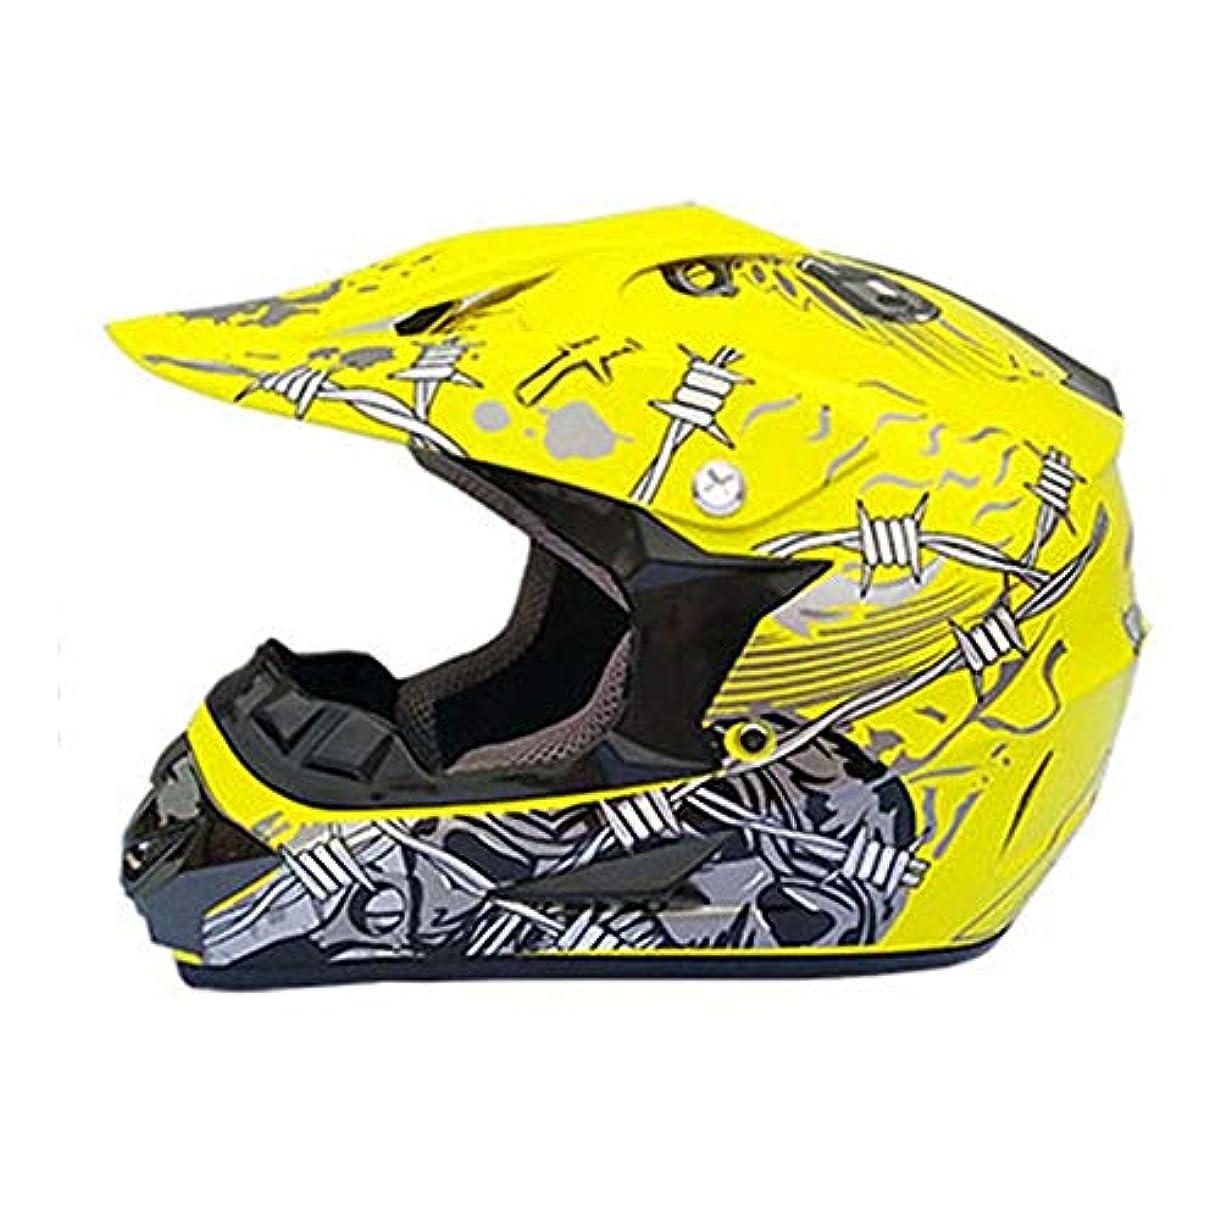 対称墓地放棄するQRY モトクロスヘルメットオートバイヘルメット四季普遍的なプロバイクオフロードヘルメット下り坂安全レーシングヘルメット - 黄色 - 大 幸せな生活 (Size : M)